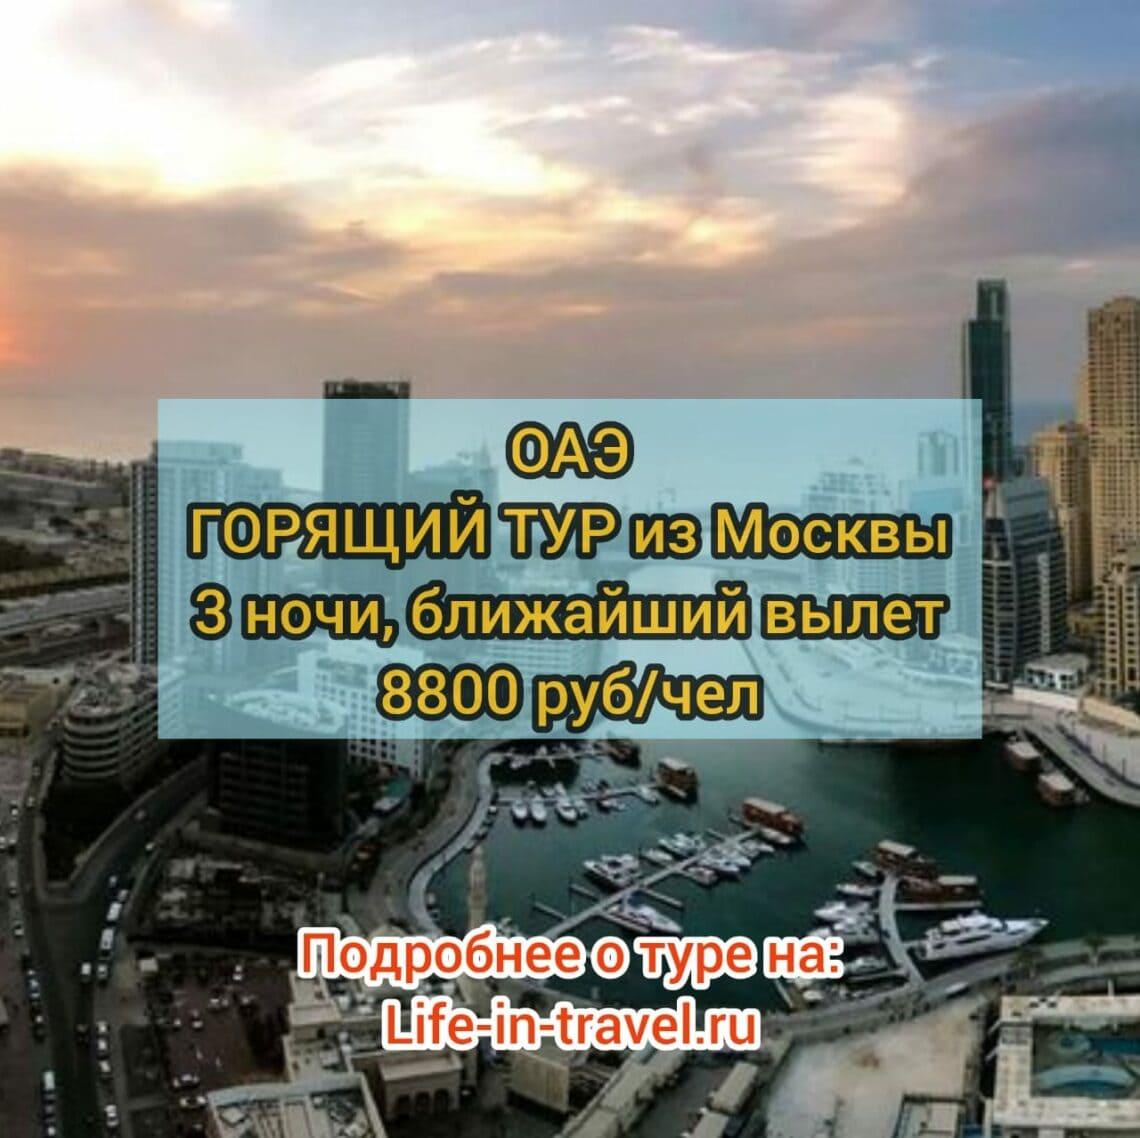 Горящий тур ОАЭ